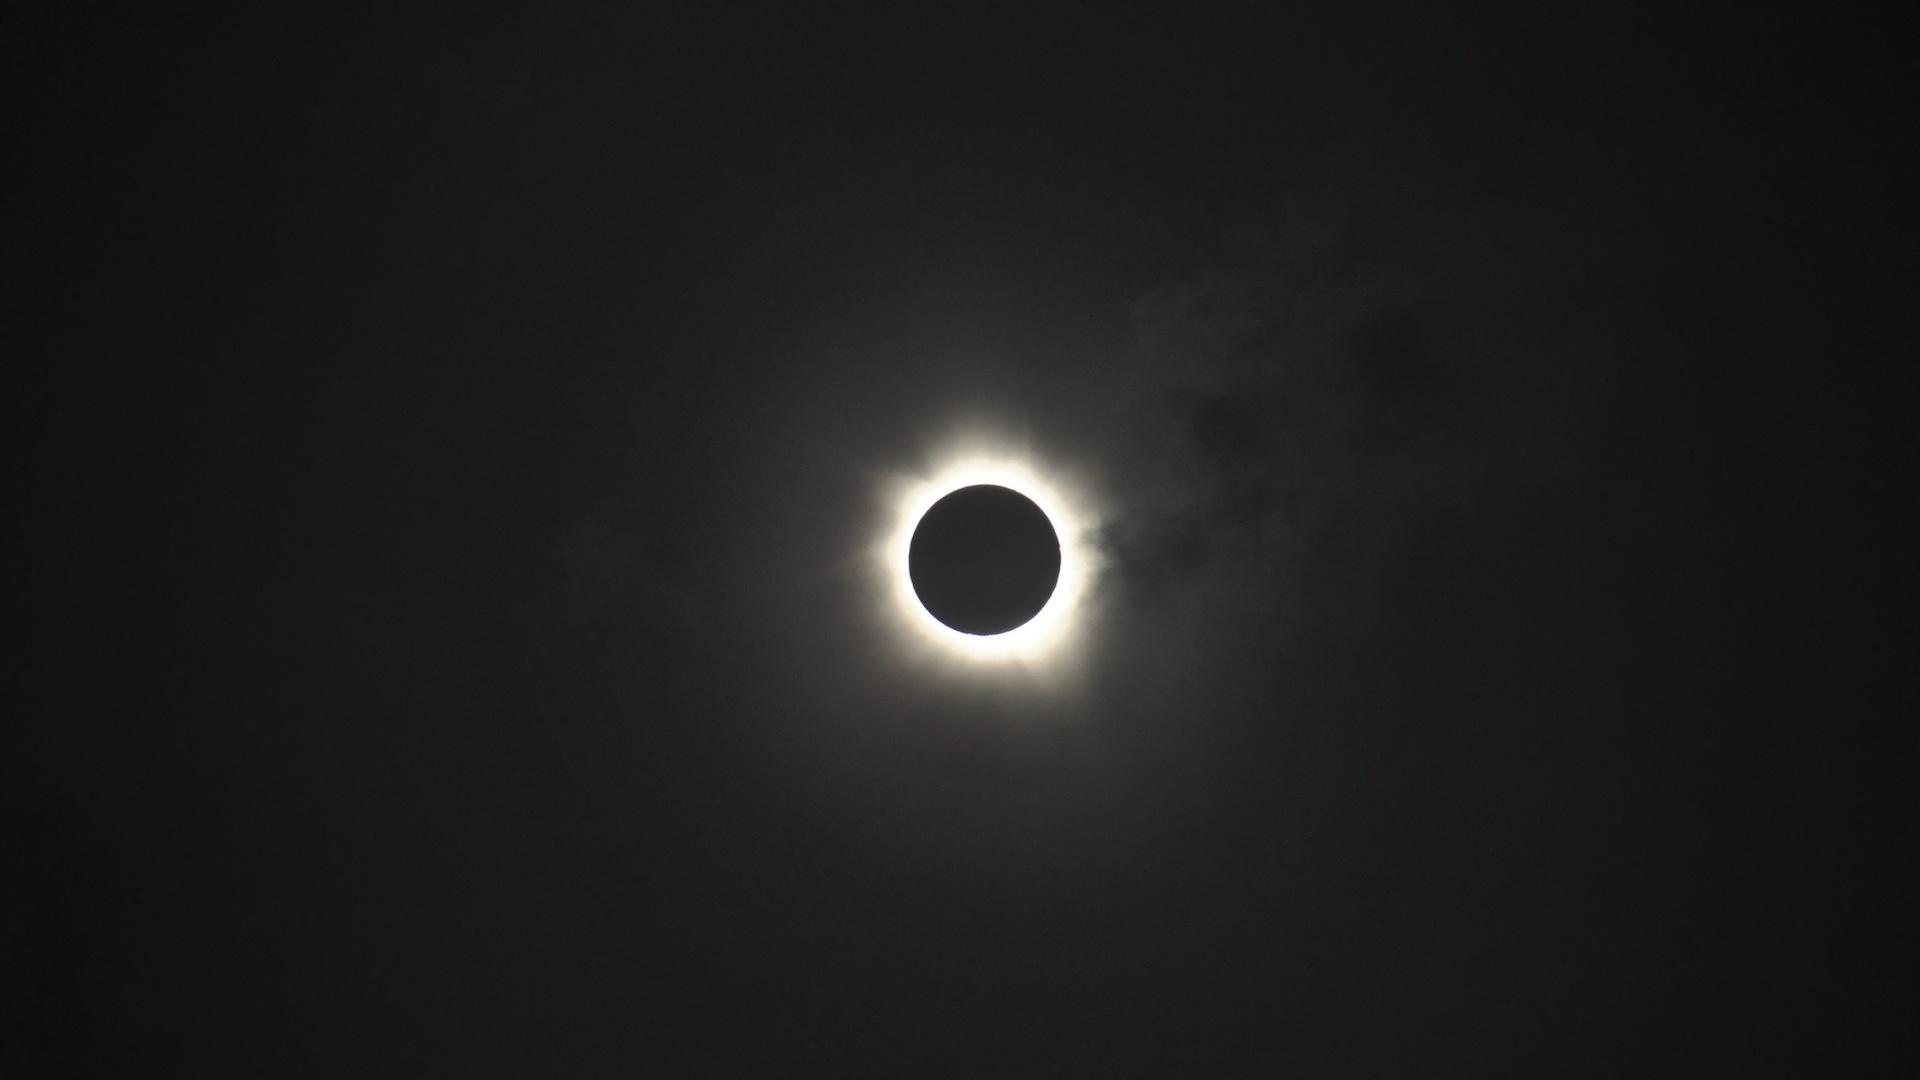 ¿Cuándo será el próximo eclipse total de sol que se verá en Argentina?